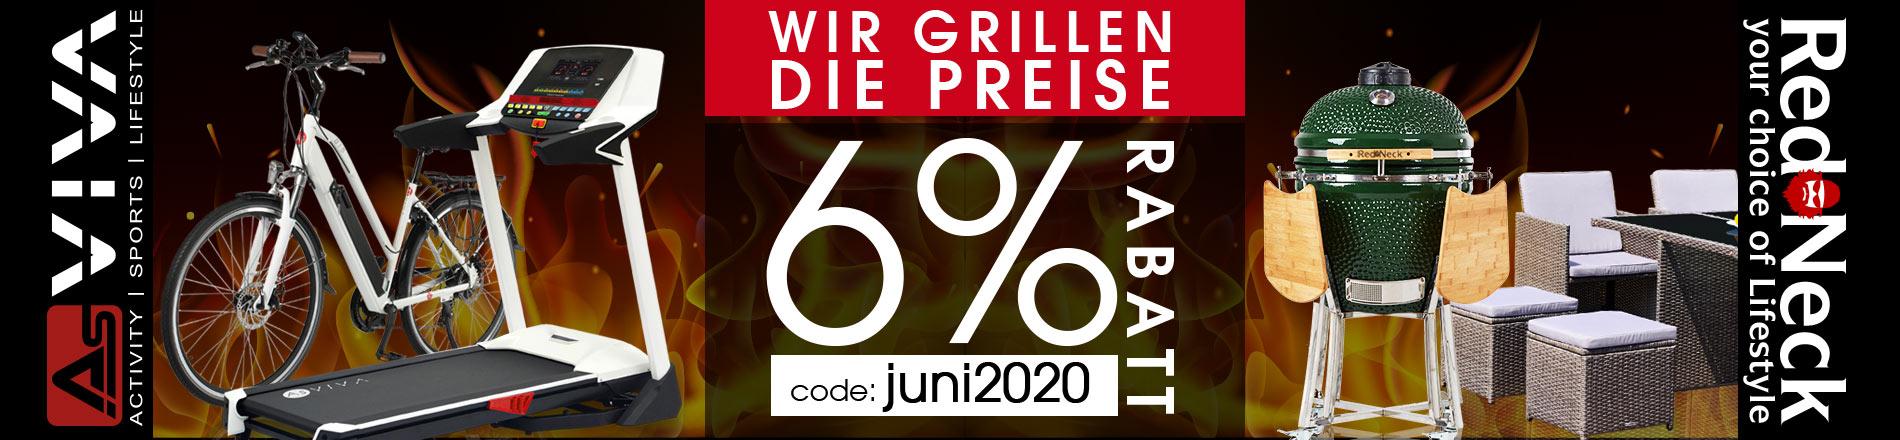 6% Juni-Rabatt Gutschein für Fitnessgeräte, E-Bikes, E-Scooter, Keramikgrilss und Gartenmöbel